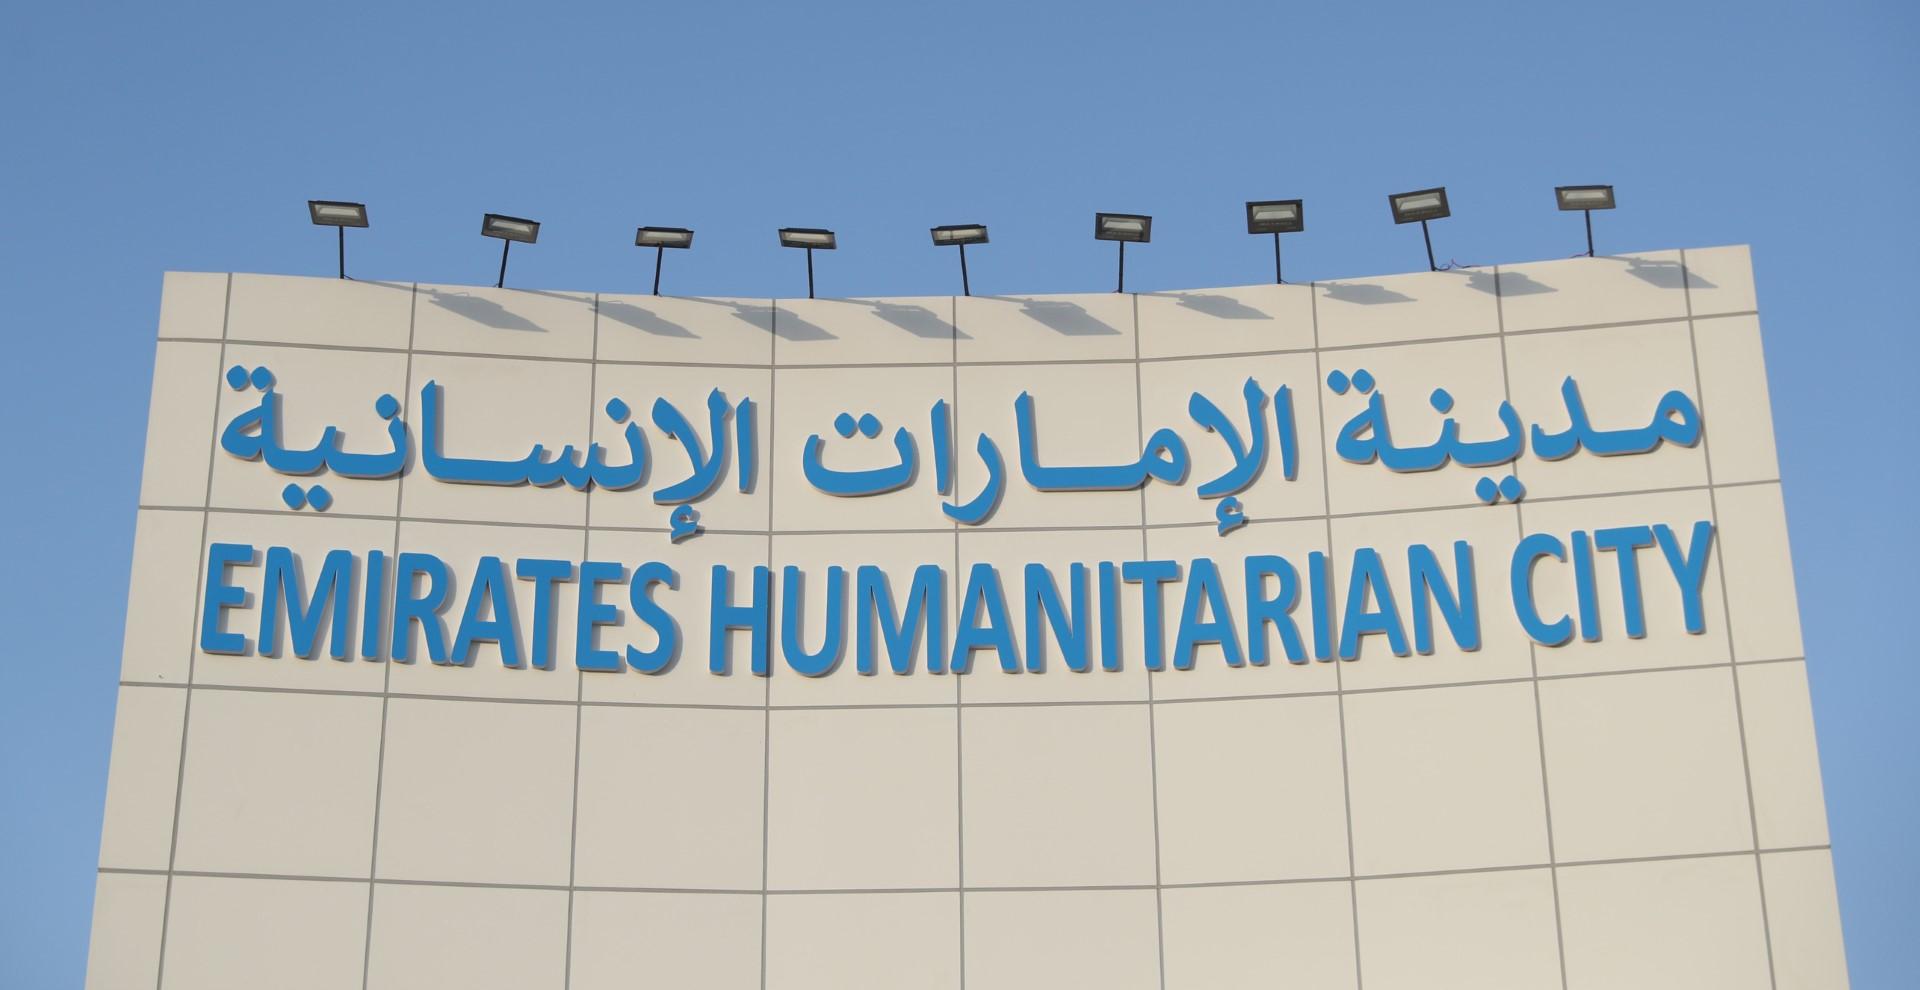 مدينة الإمارات الإنسانية تستقبل رعايا دول شقيقة وصديقة بعد إجلائهم من الصين